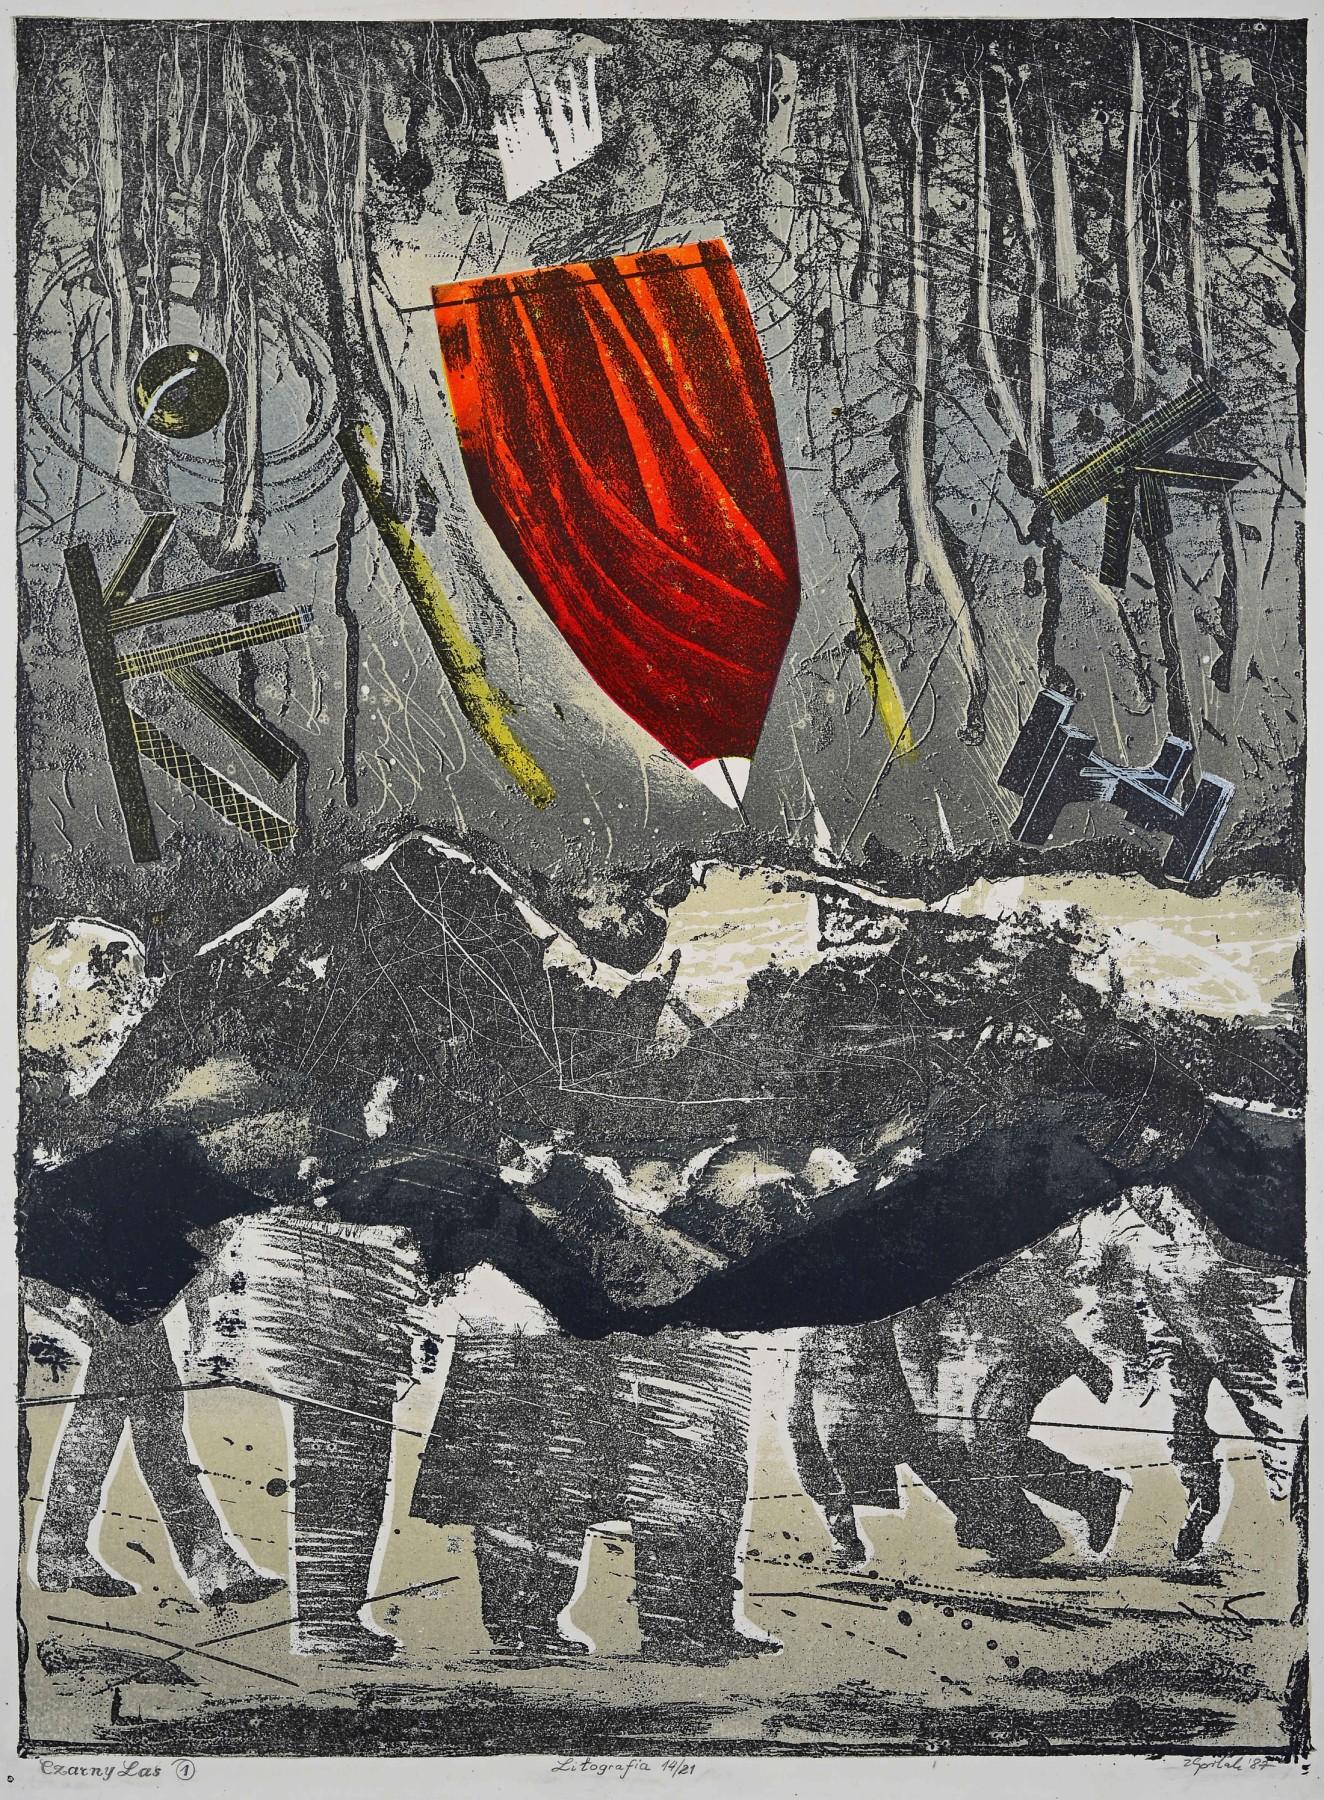 Czarny Las, 1987